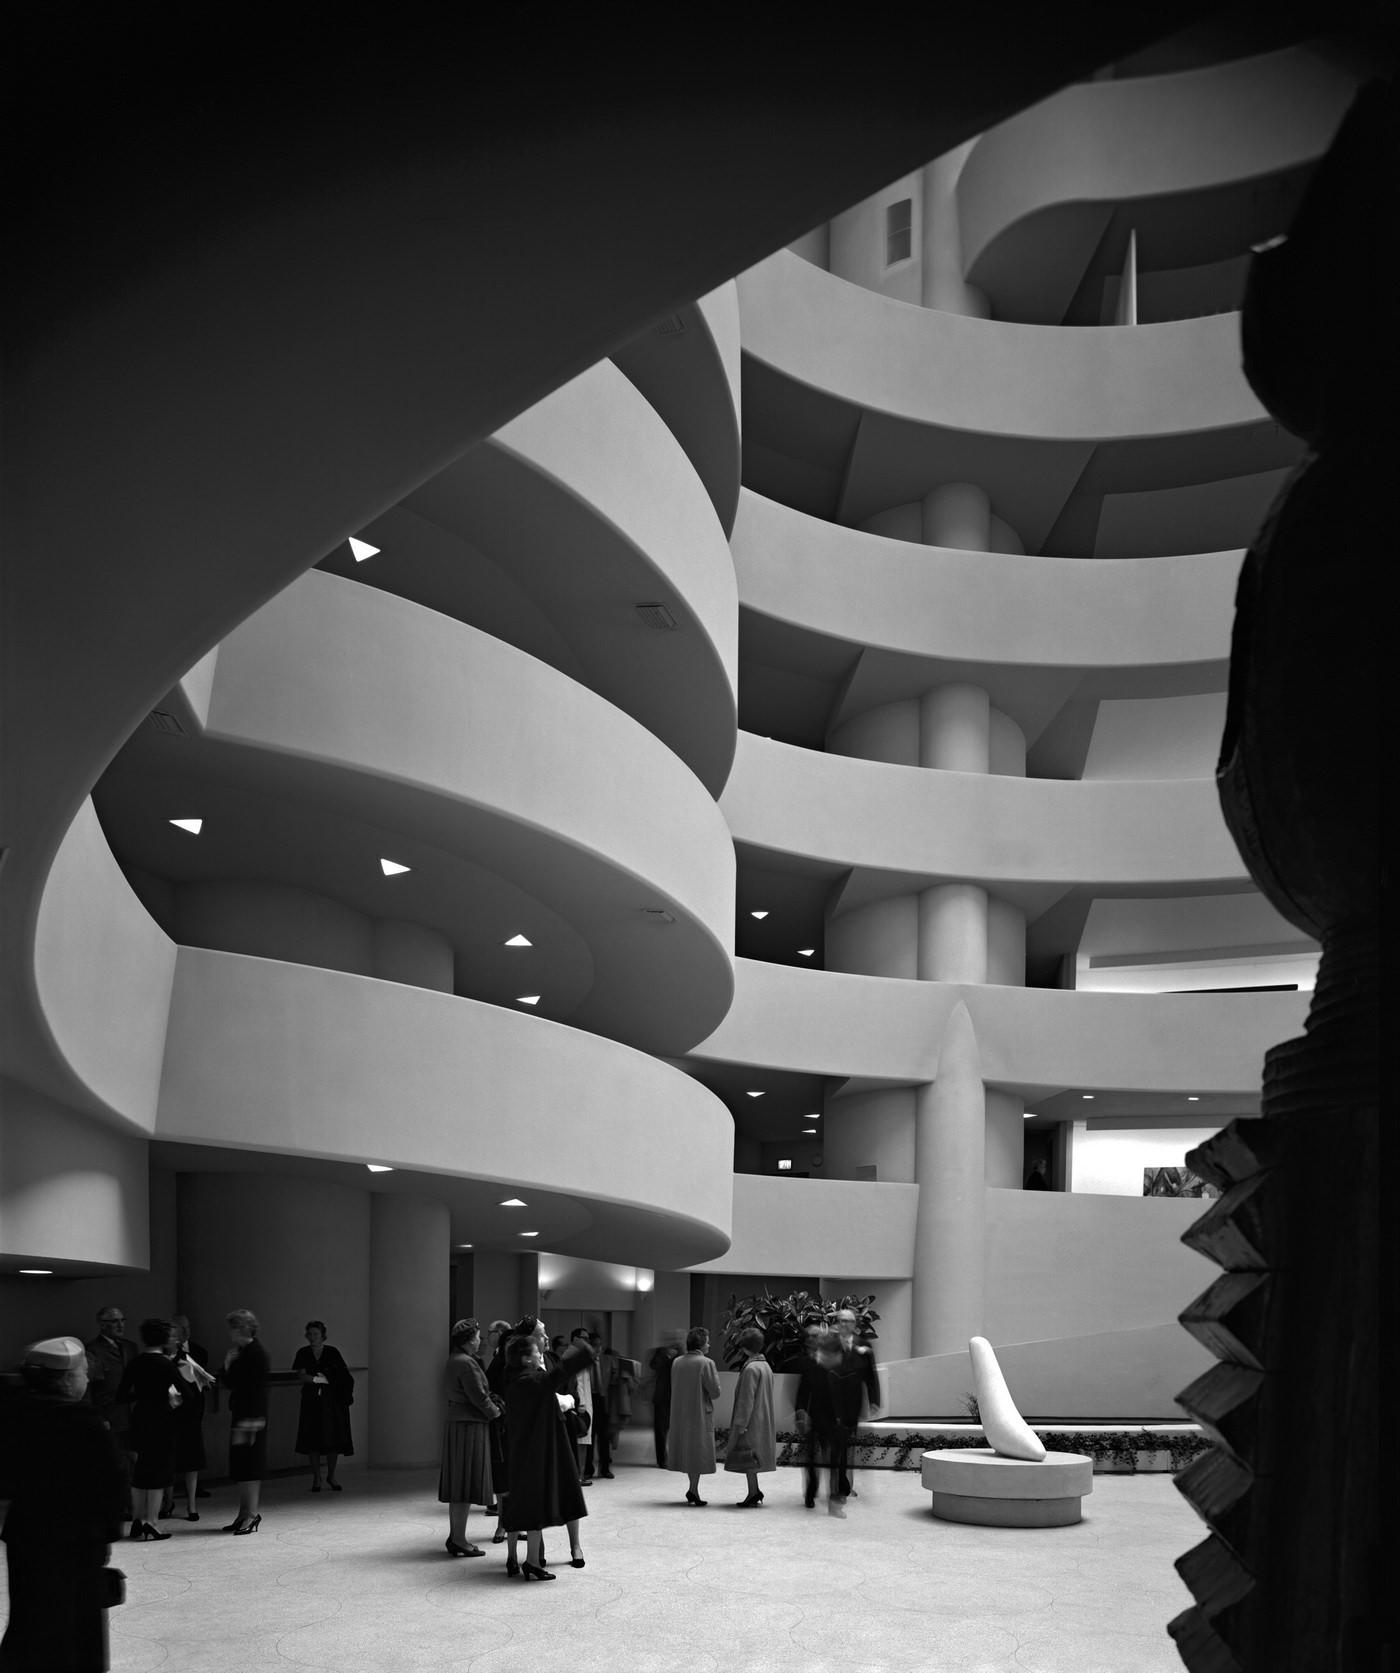 Эзра Столлер. Музей Соломона Гуггенхайма. Арх.: Фрэнк Ллойд Райт. Нью-Йорк, шт. Нью-Йорк, 1959